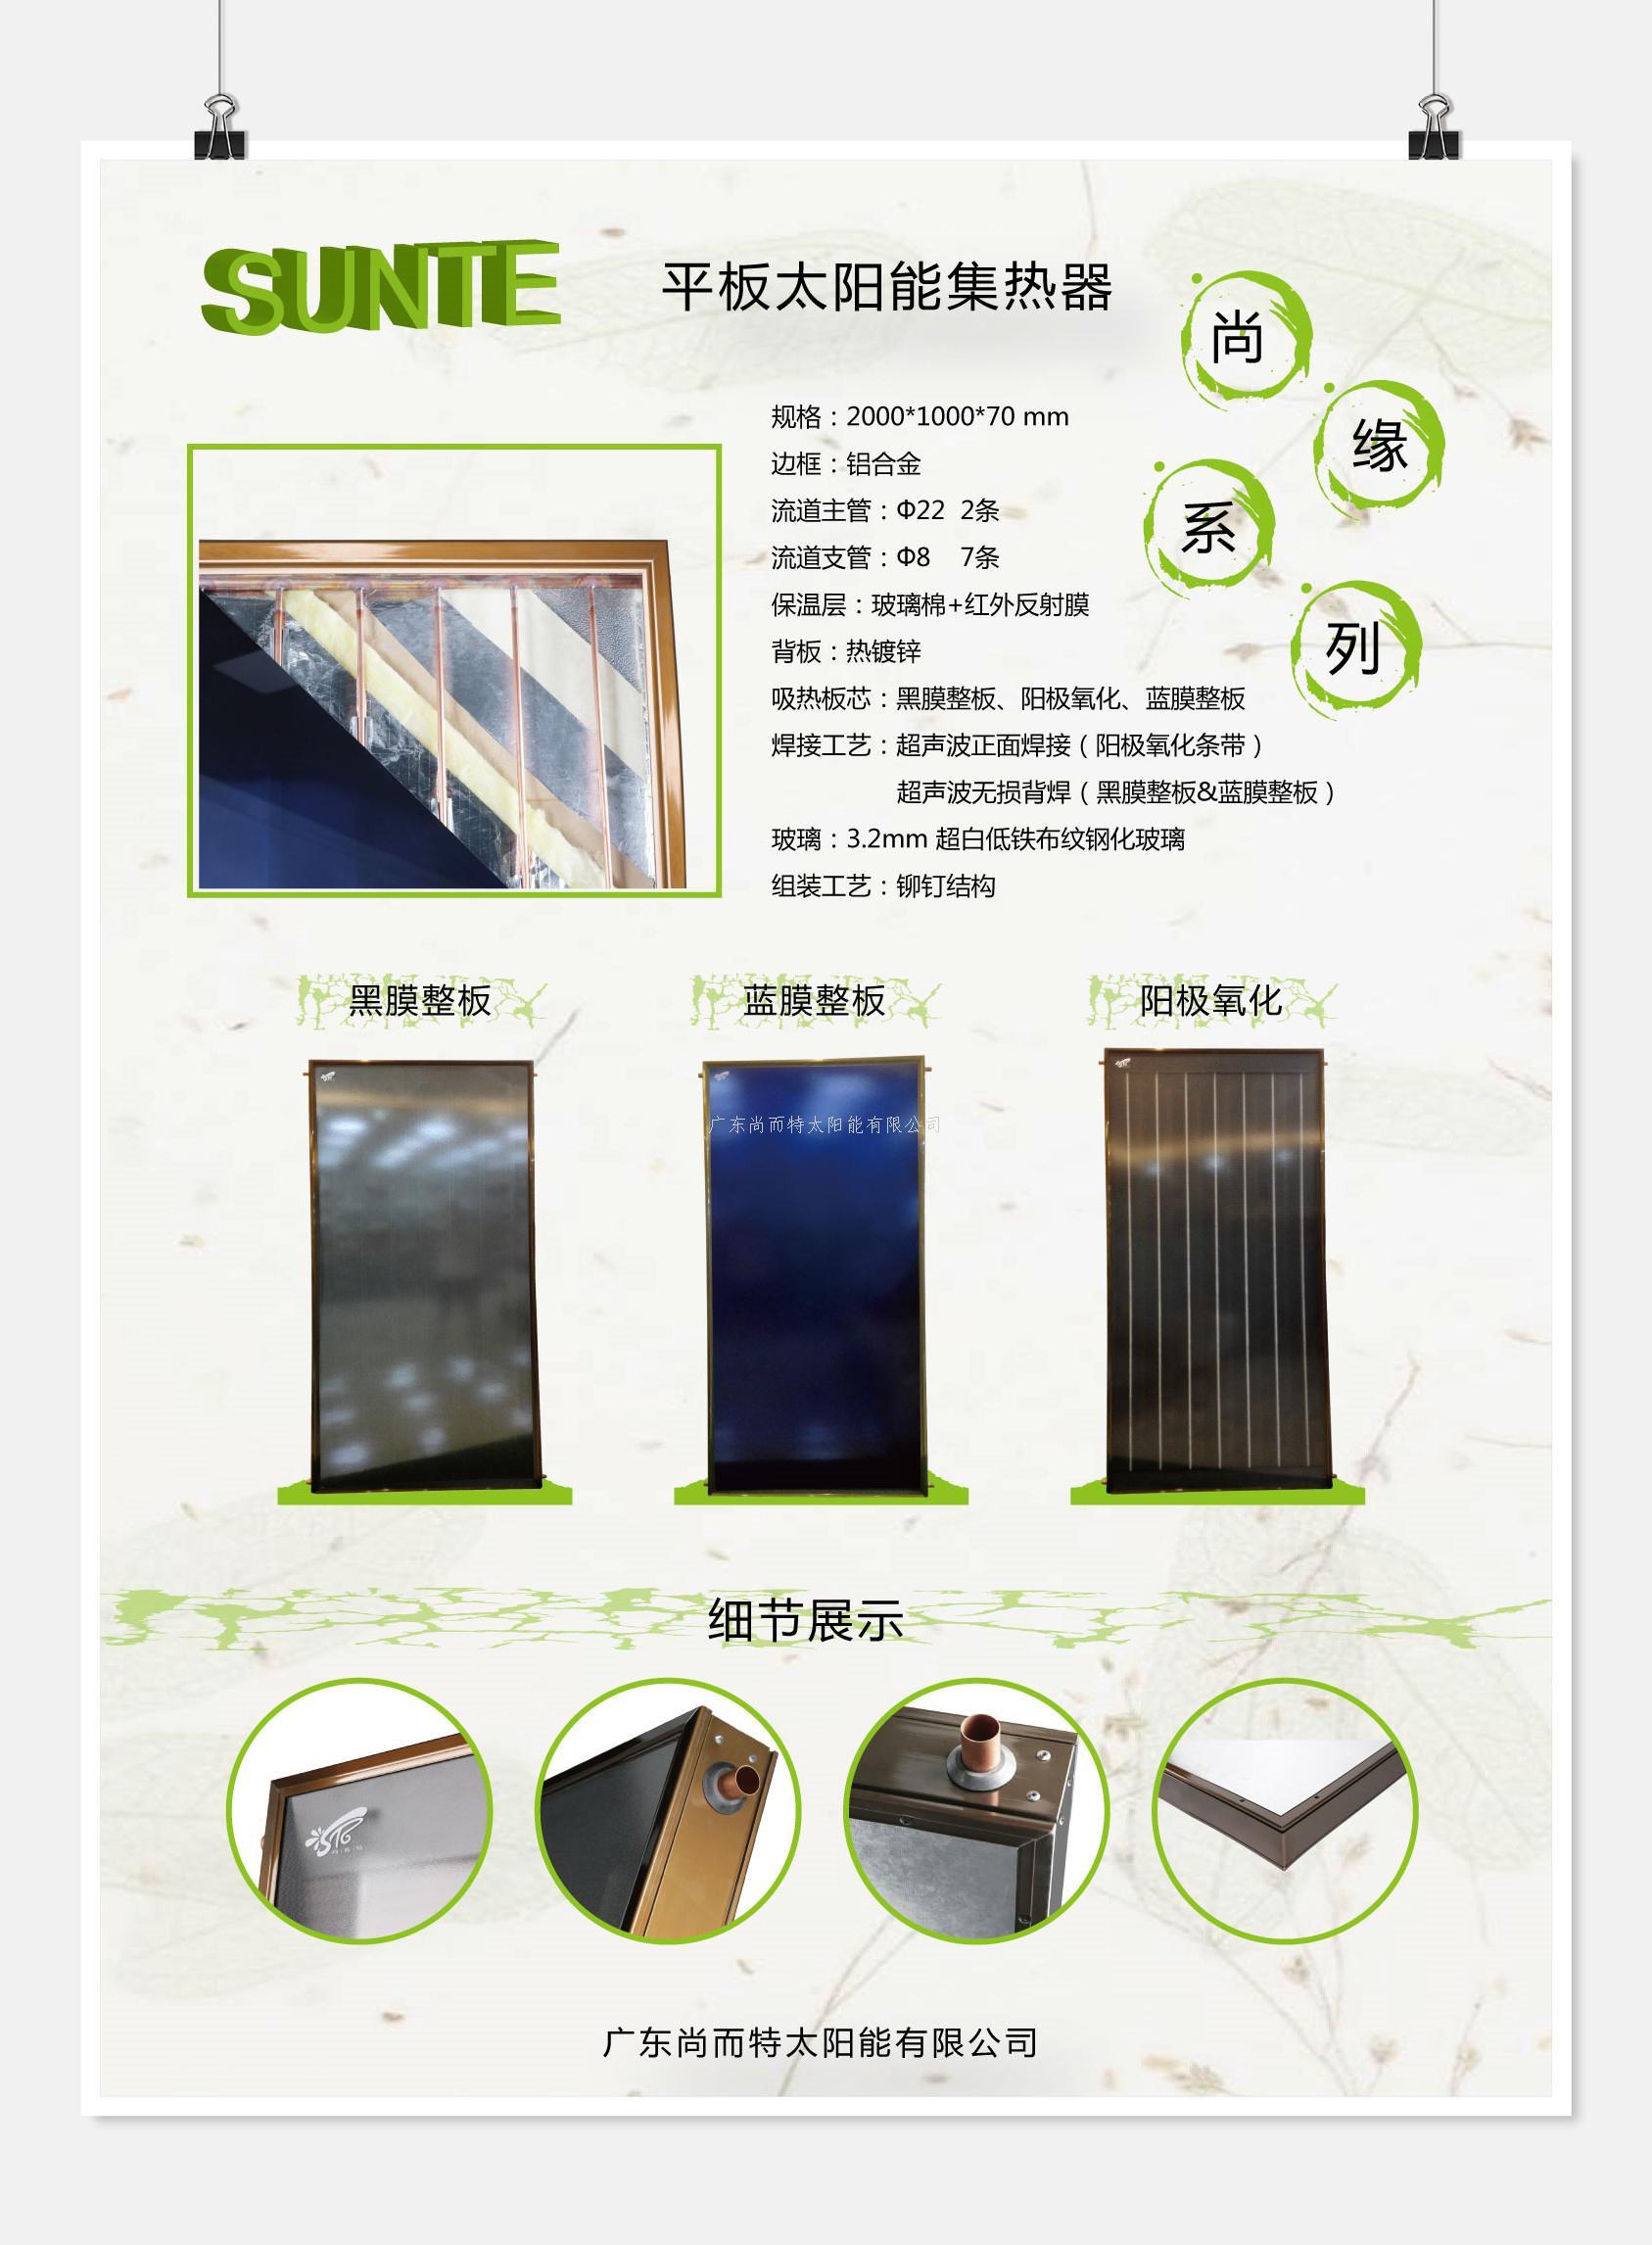 太阳能集中供应热水工程设计